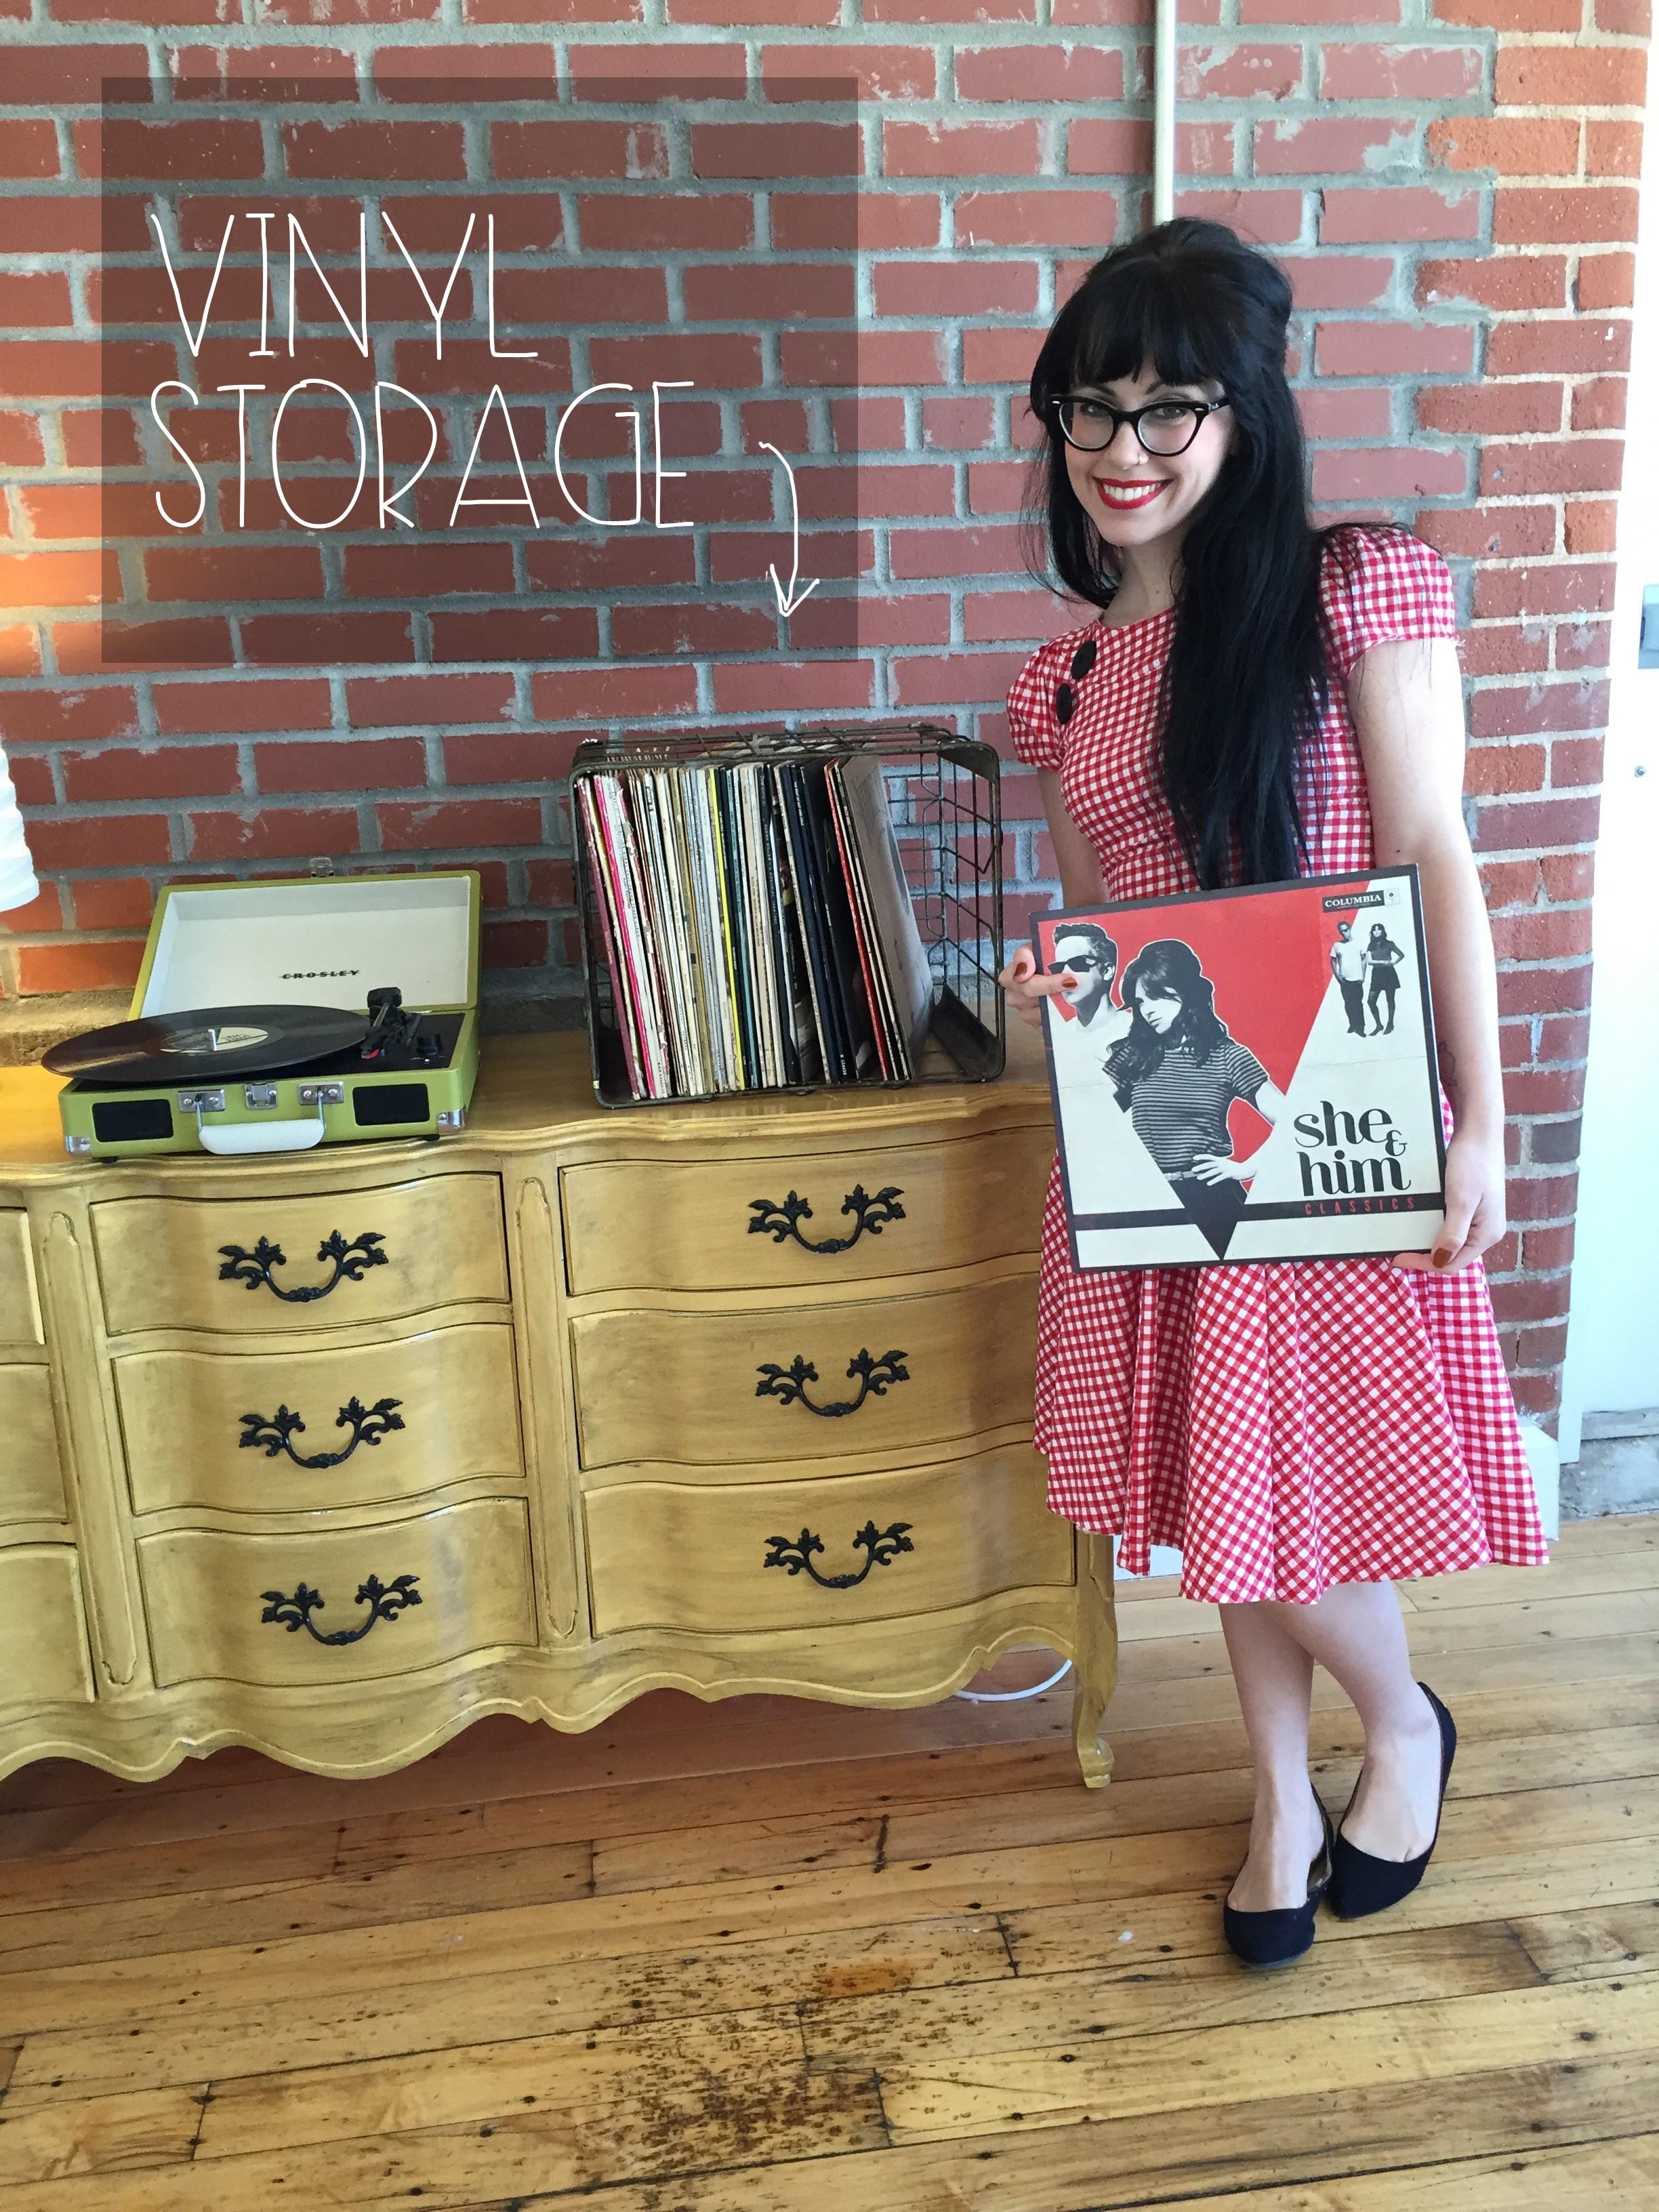 featured vinyl storage | Red Autumn Co